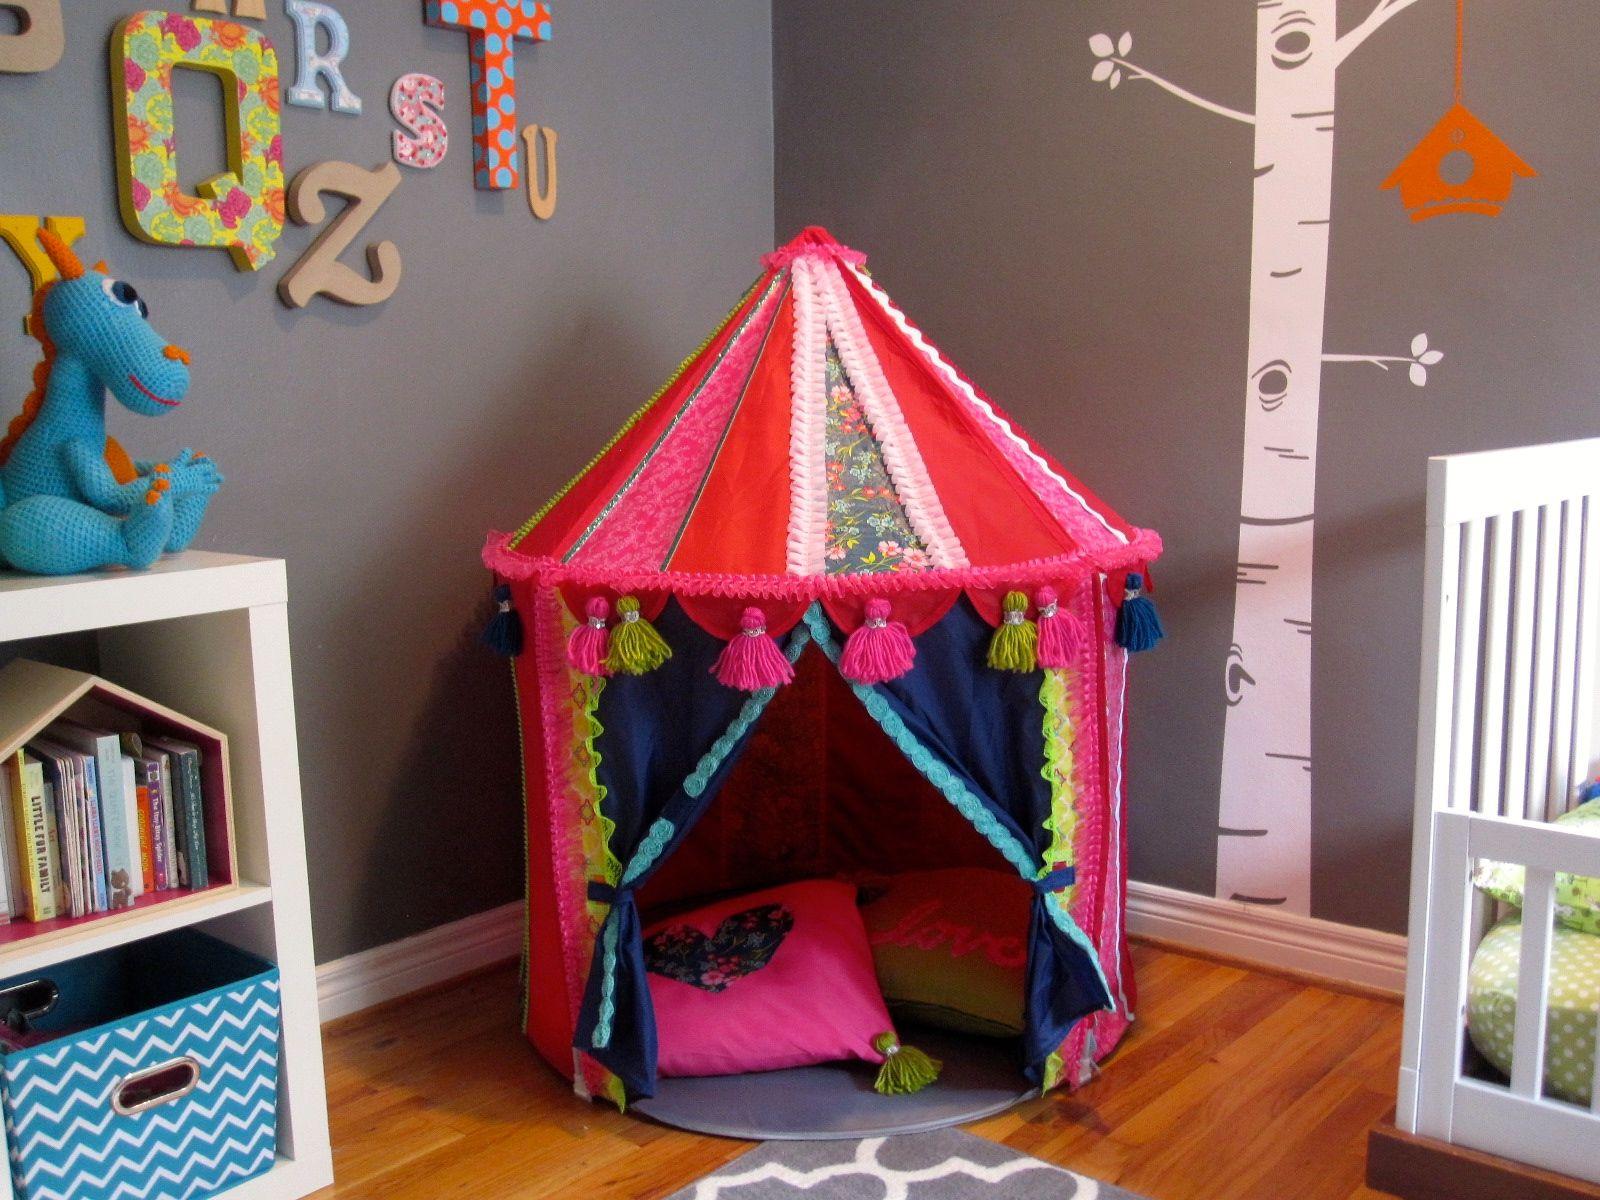 online store d29d1 522f3 Ikea Hack! Make a Boho Play Tent from the CIRKUSTÄLT Tent ...